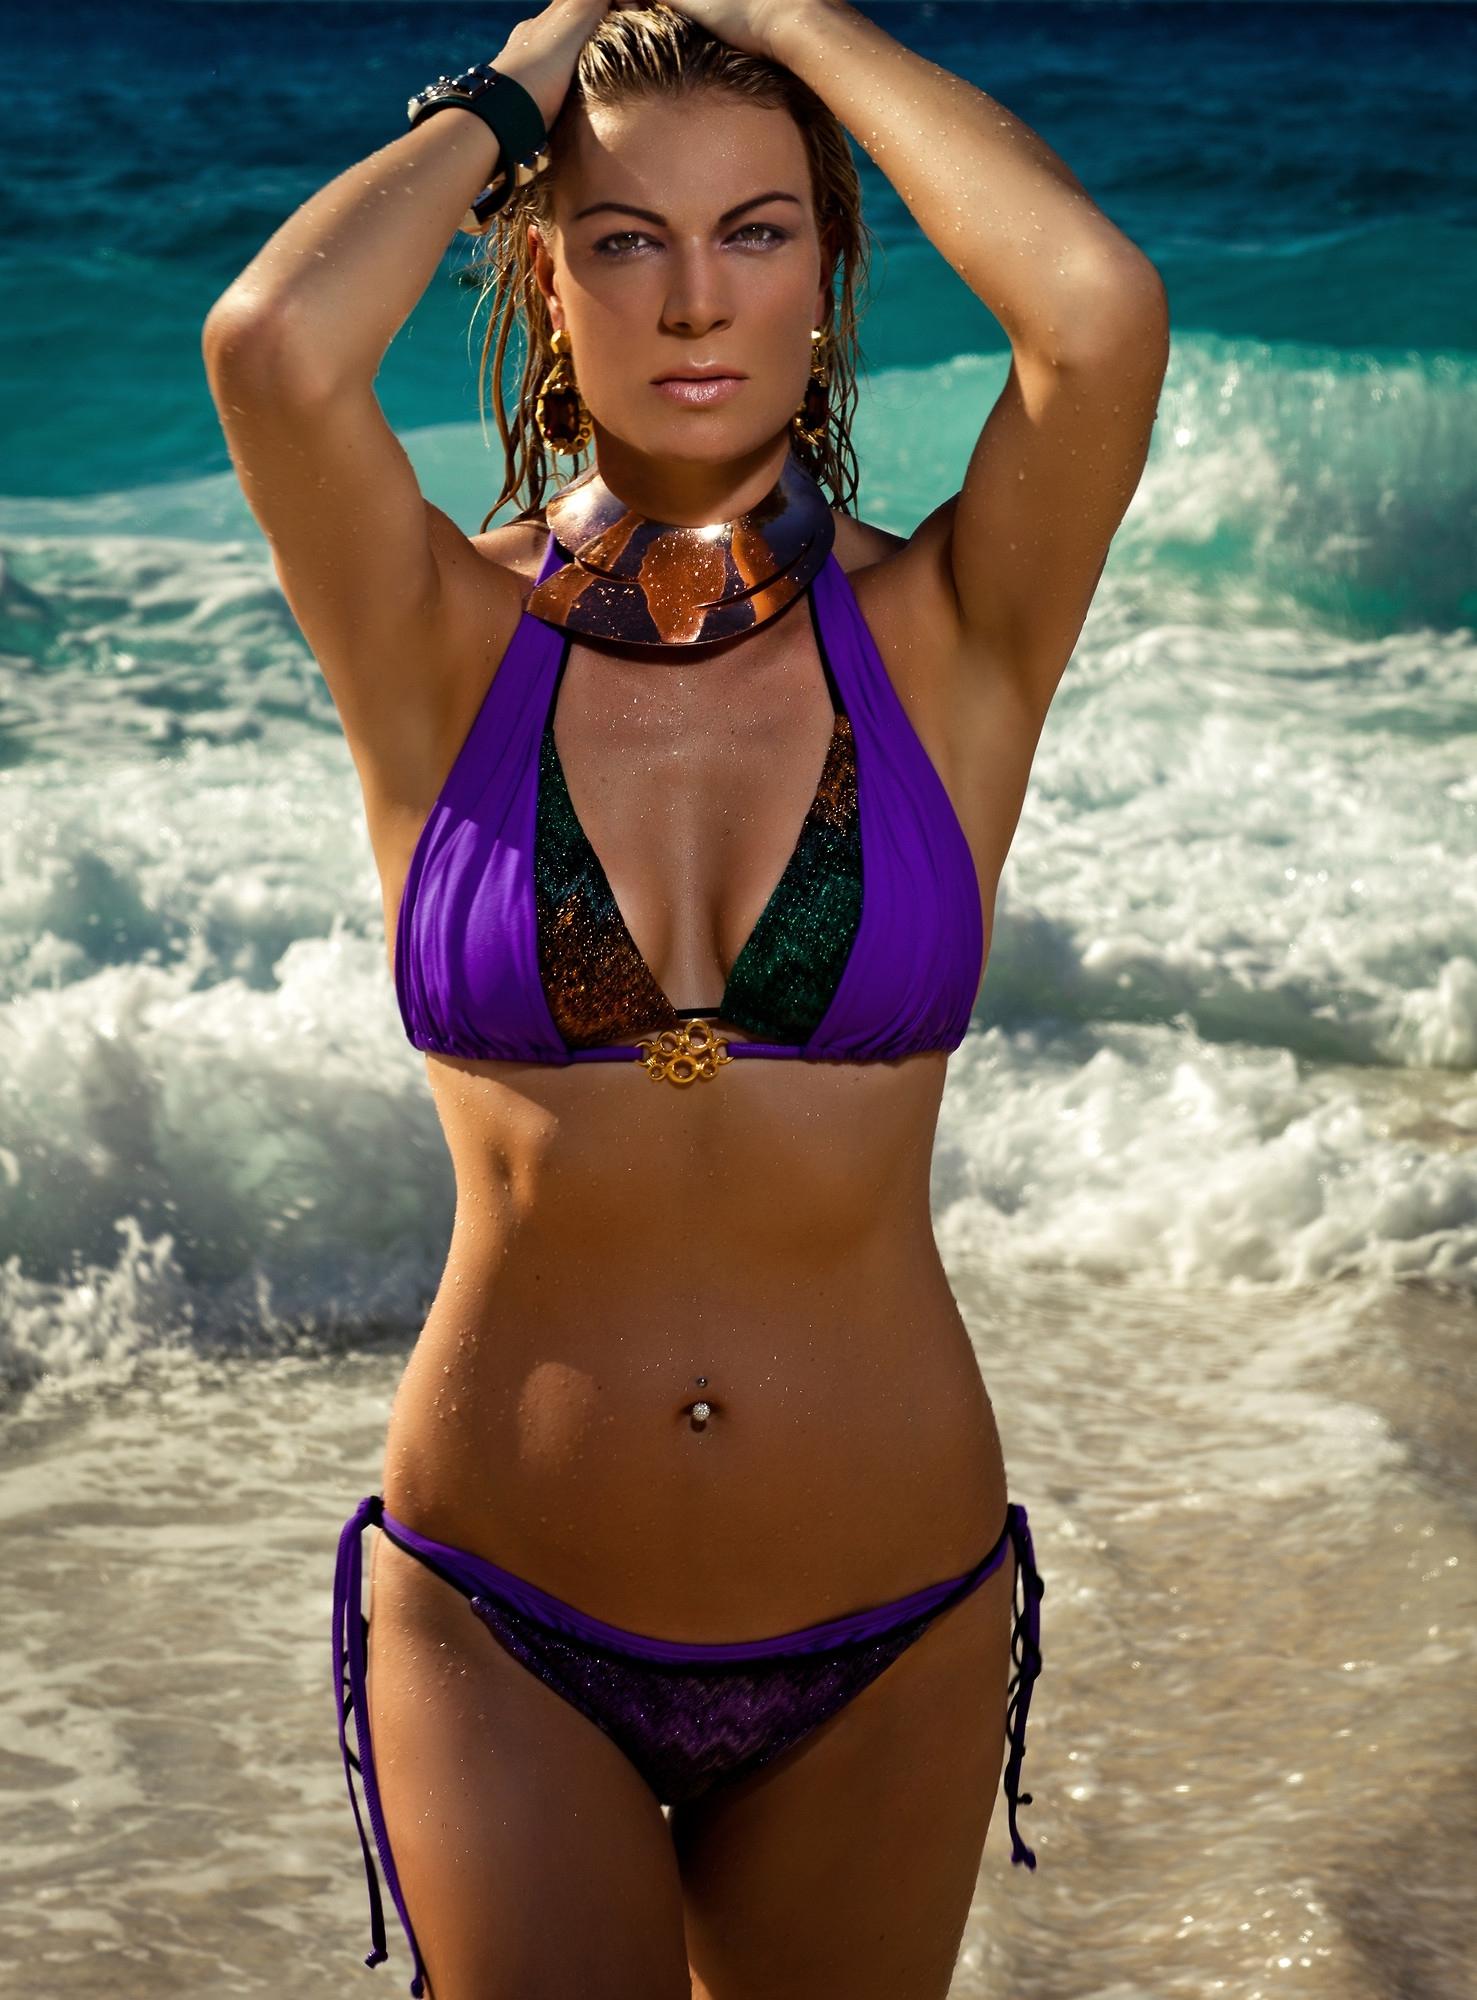 Мария Хёфль-Риш голая. Фото - 1